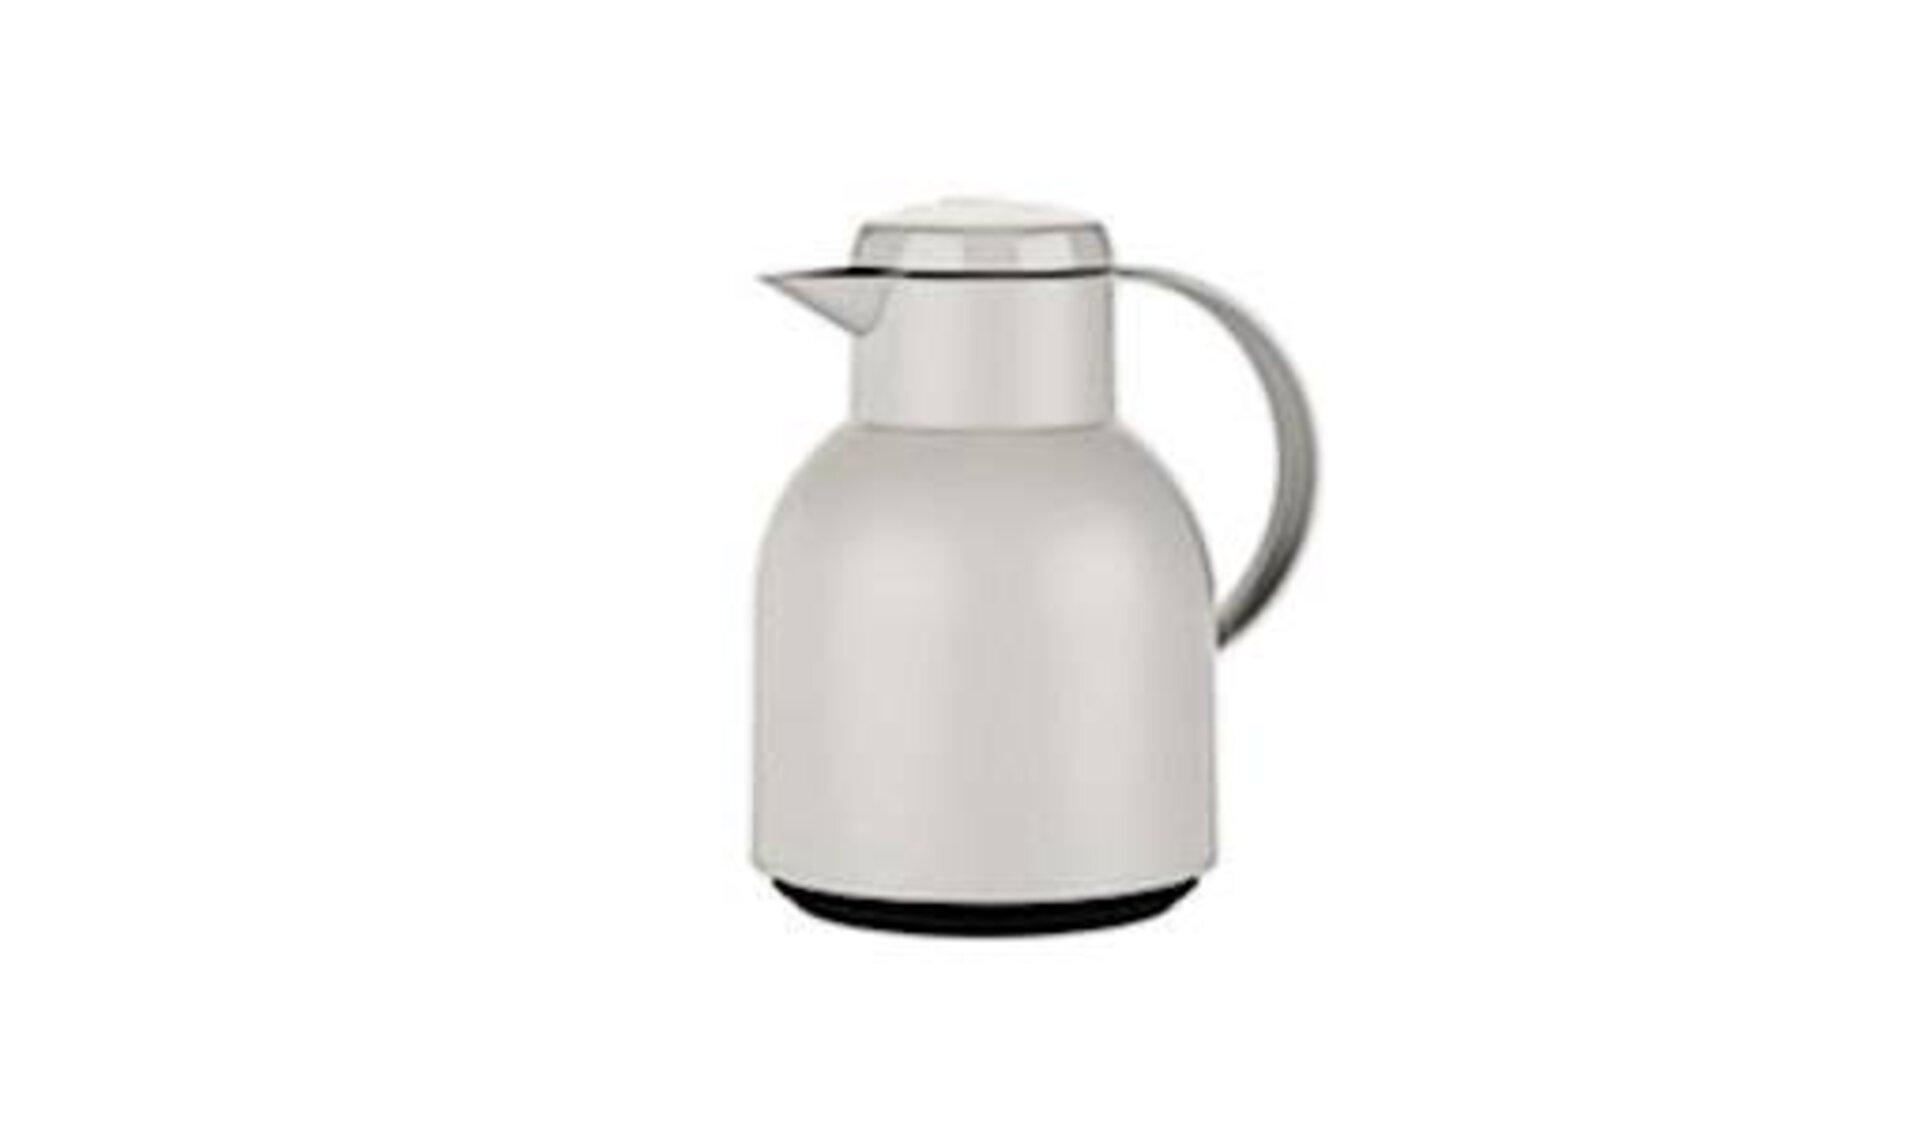 Eine Weiße Kaffeekanne dient als Icon für alle Thermobehälter.